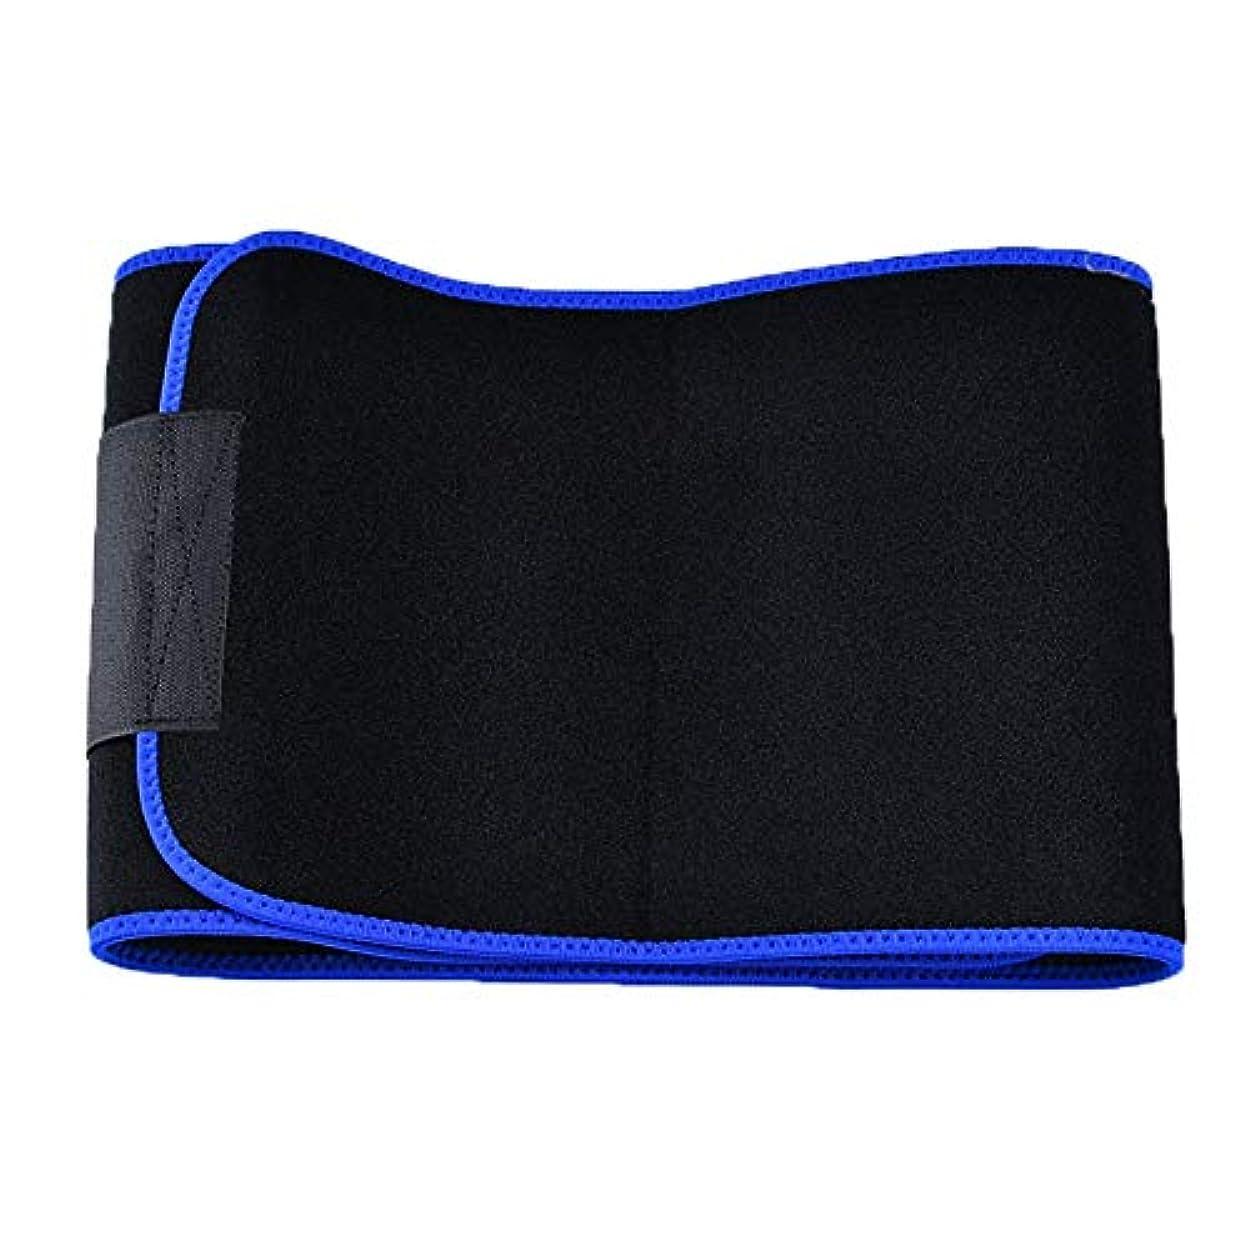 ボーナス反抗簡潔な発汗ベルトスポーツベルトウエストトレーナーフィットネス腹部トレーニングスウェット